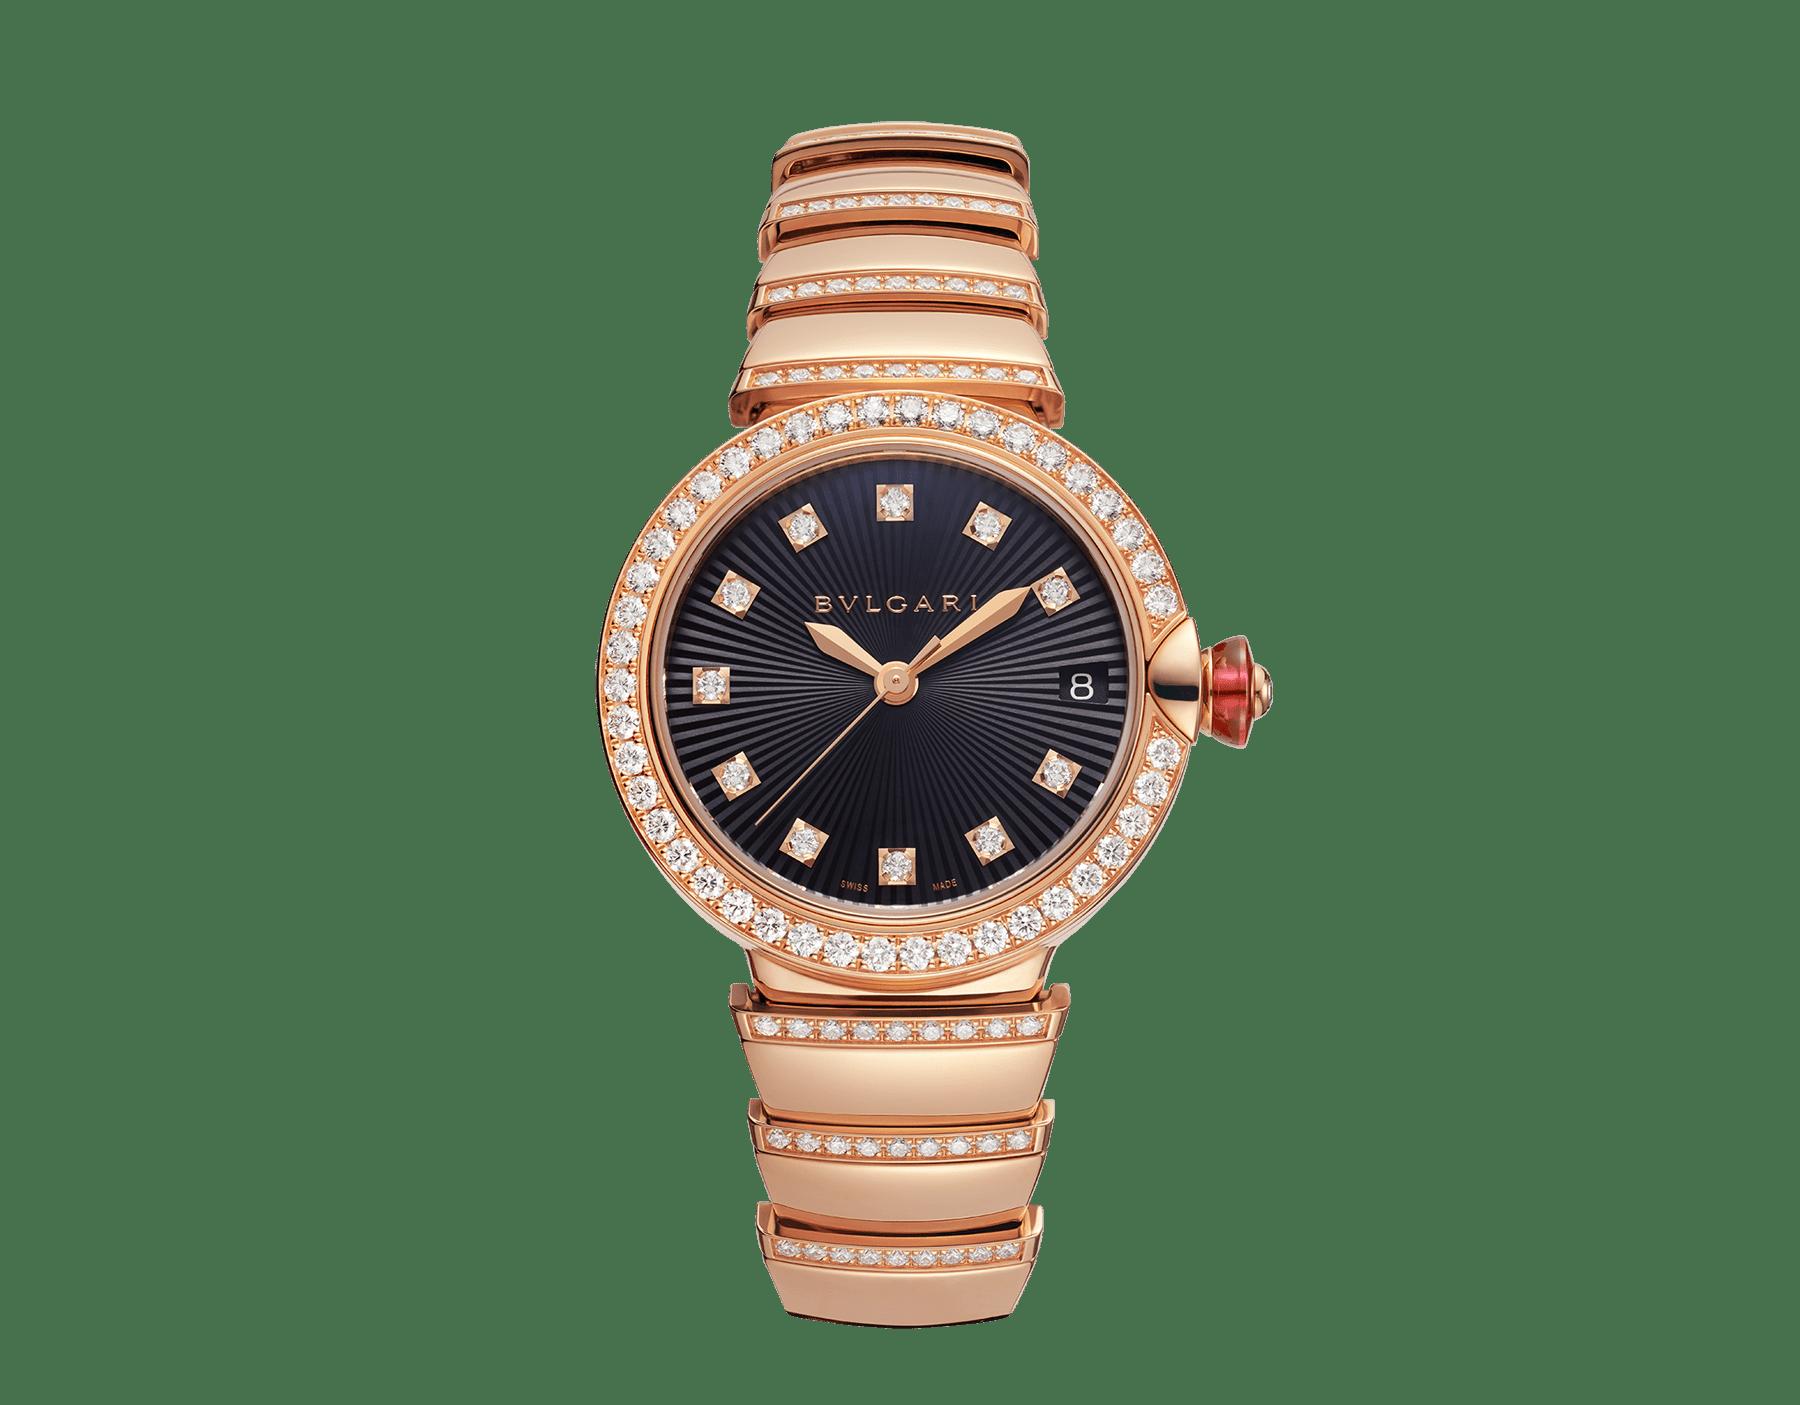 LVCEA Uhr mit Gehäuse und Armband aus 18Karat Roségold mit Diamanten im Brillantschliff, mit schwarzem Opalin-Zifferblatt. 102191 image 1